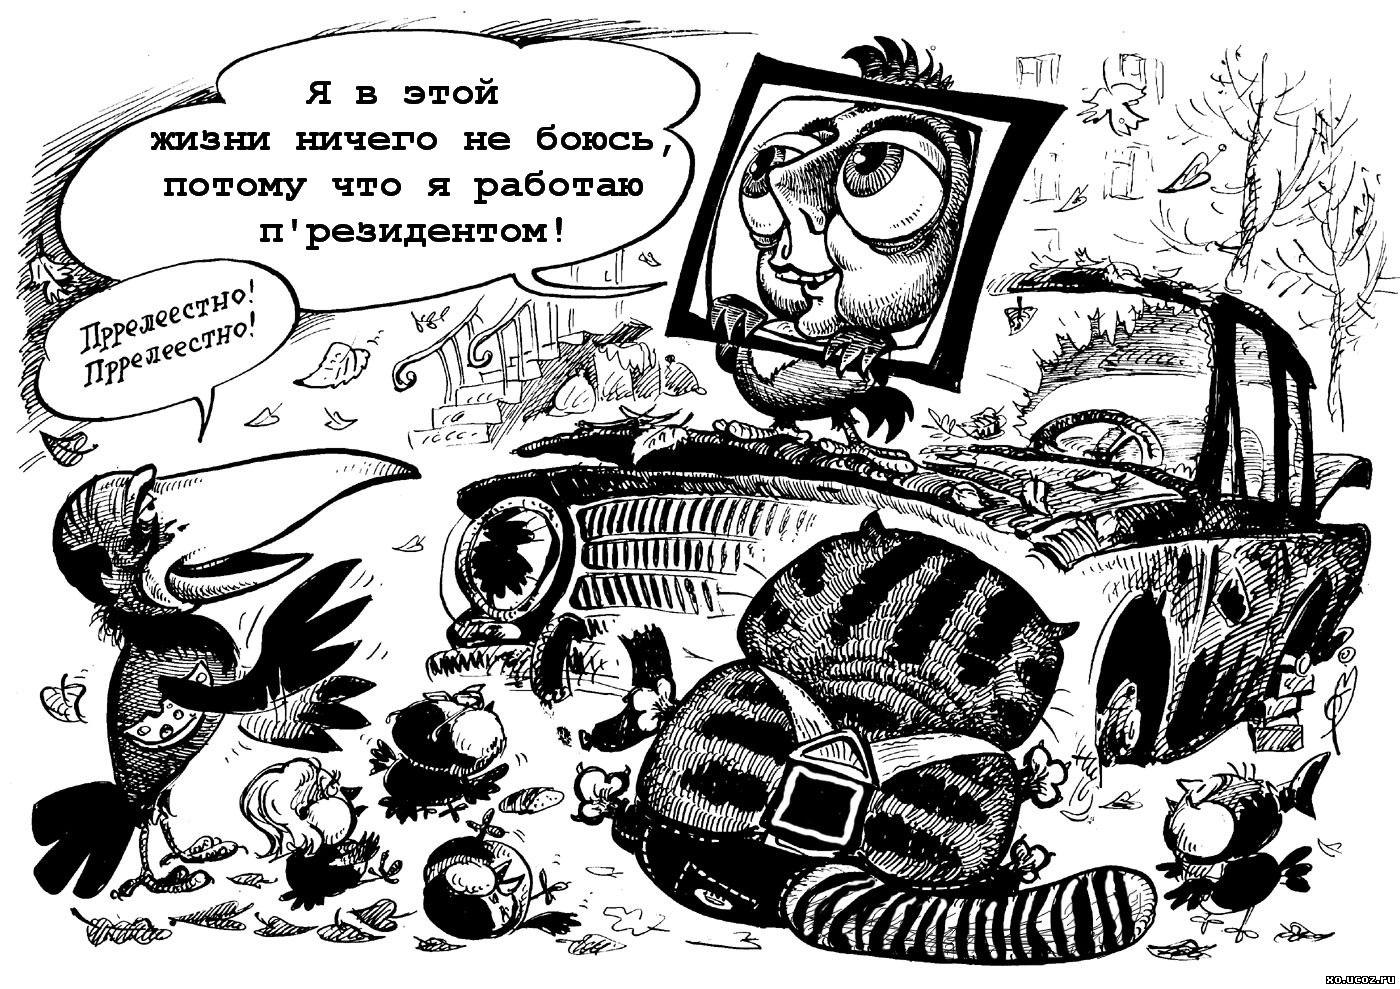 МЕДВЕДЕВ РАБОТАЕТ ПРЕЗИДЕНТОМ / works President Medvedev / мультфильм возвращение блудного попугая / попугай кеша